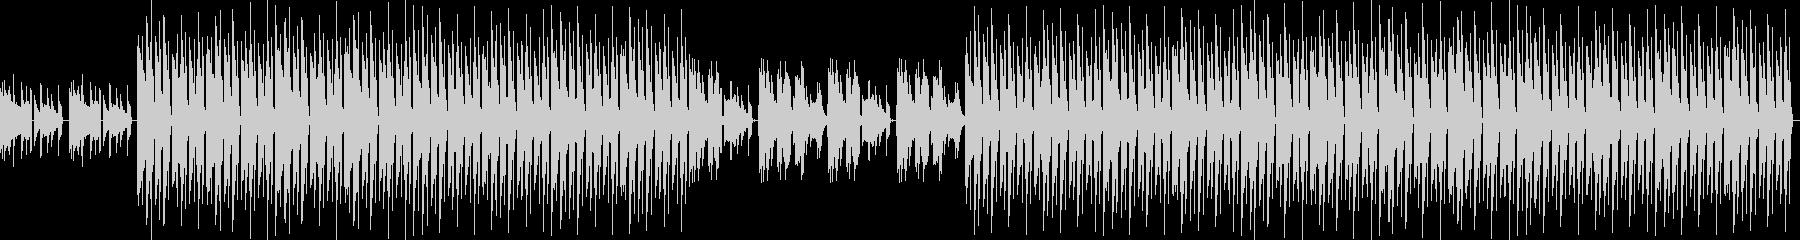 おしゃれ・低音重視・EDM・ベース9の未再生の波形